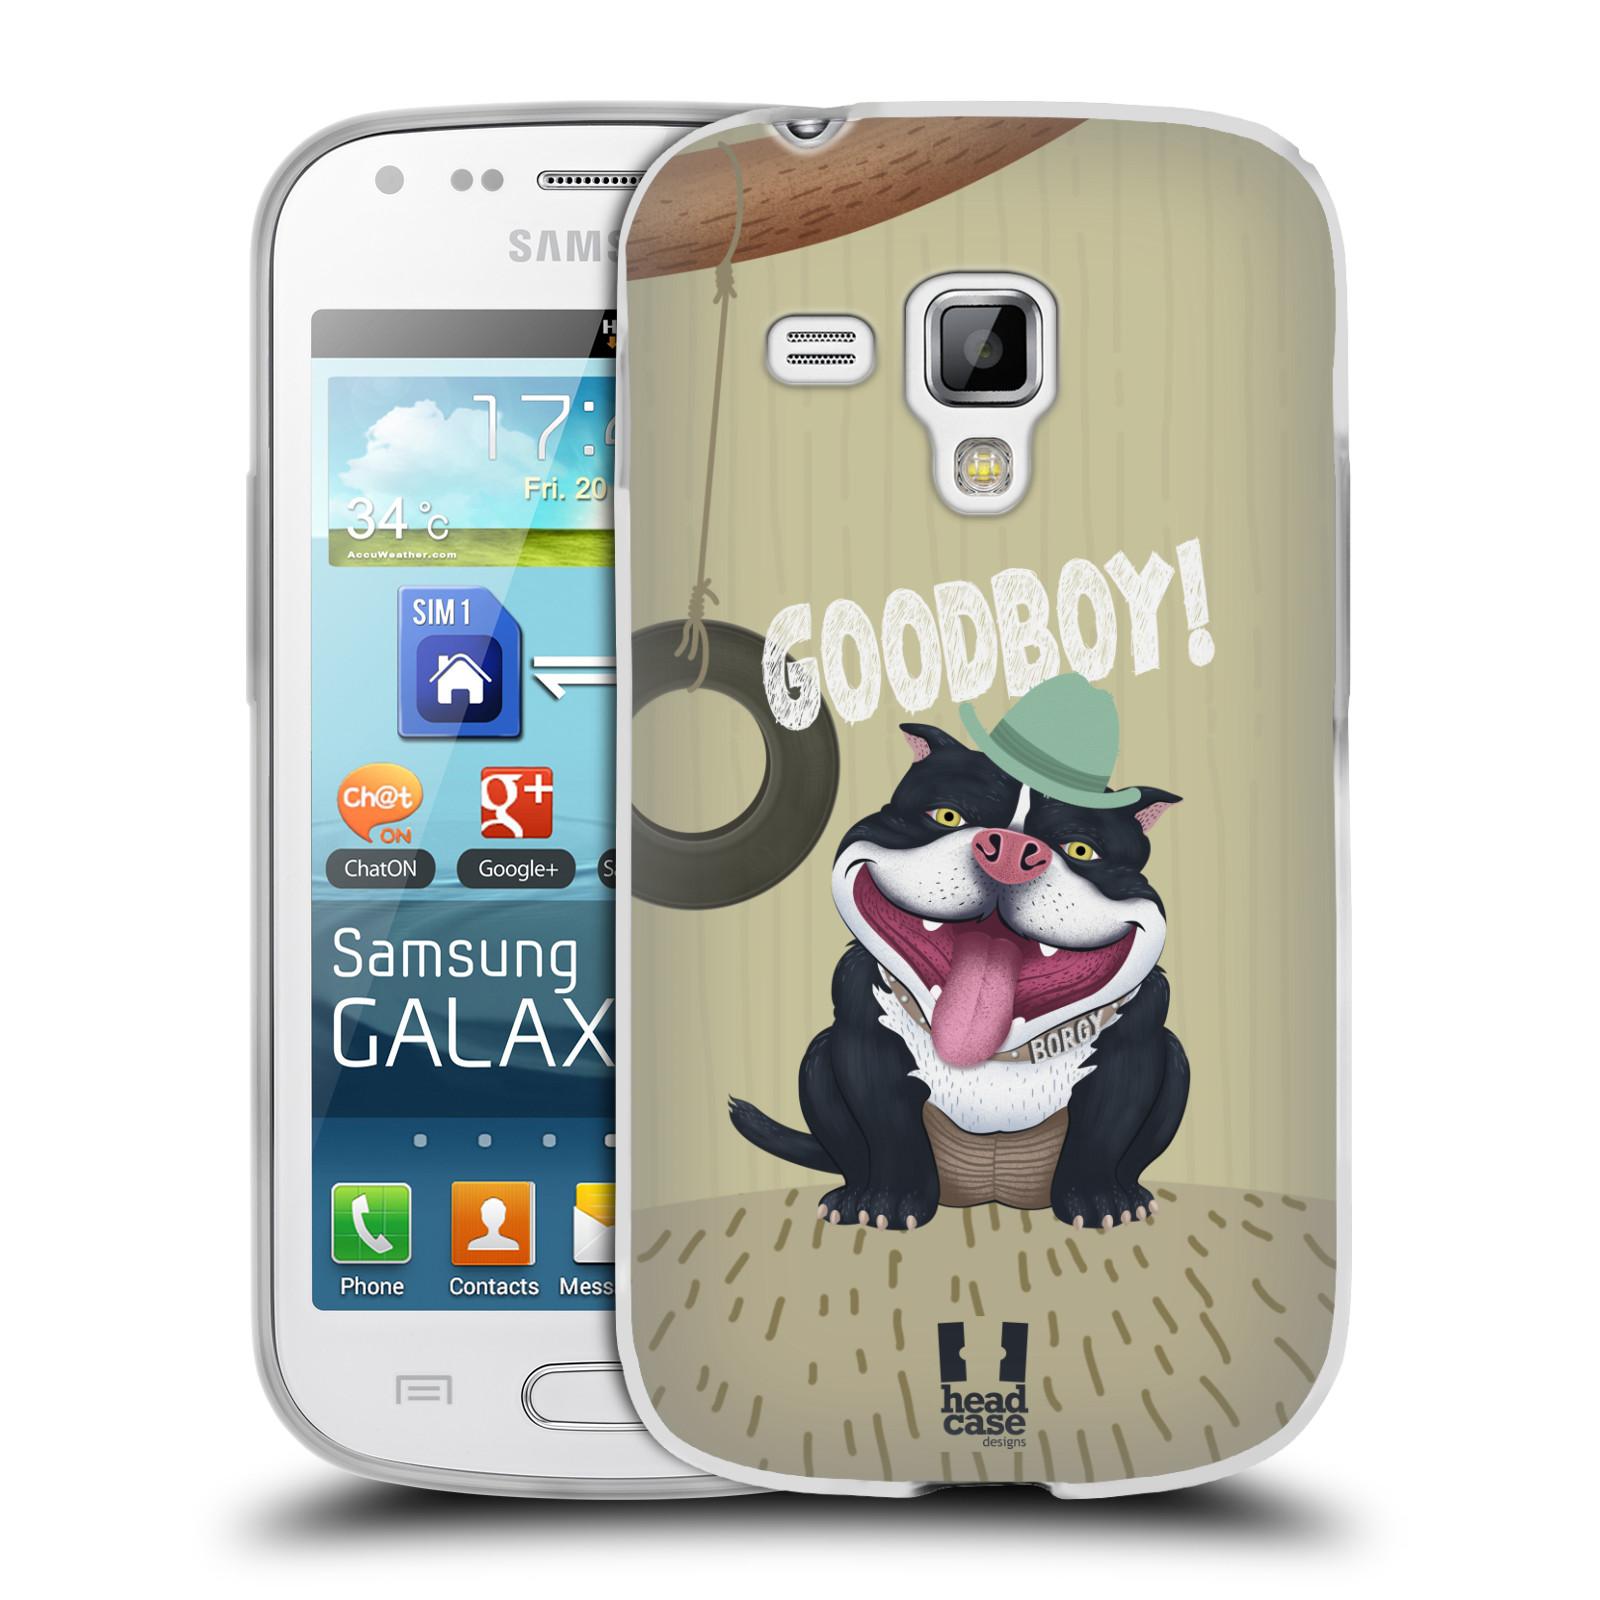 Silikonové pouzdro na mobil Samsung Galaxy S Duos HEAD CASE Goodboy! Pejsek (Silikonový kryt či obal na mobilní telefon Samsung Galaxy S Duos GT-S7562)